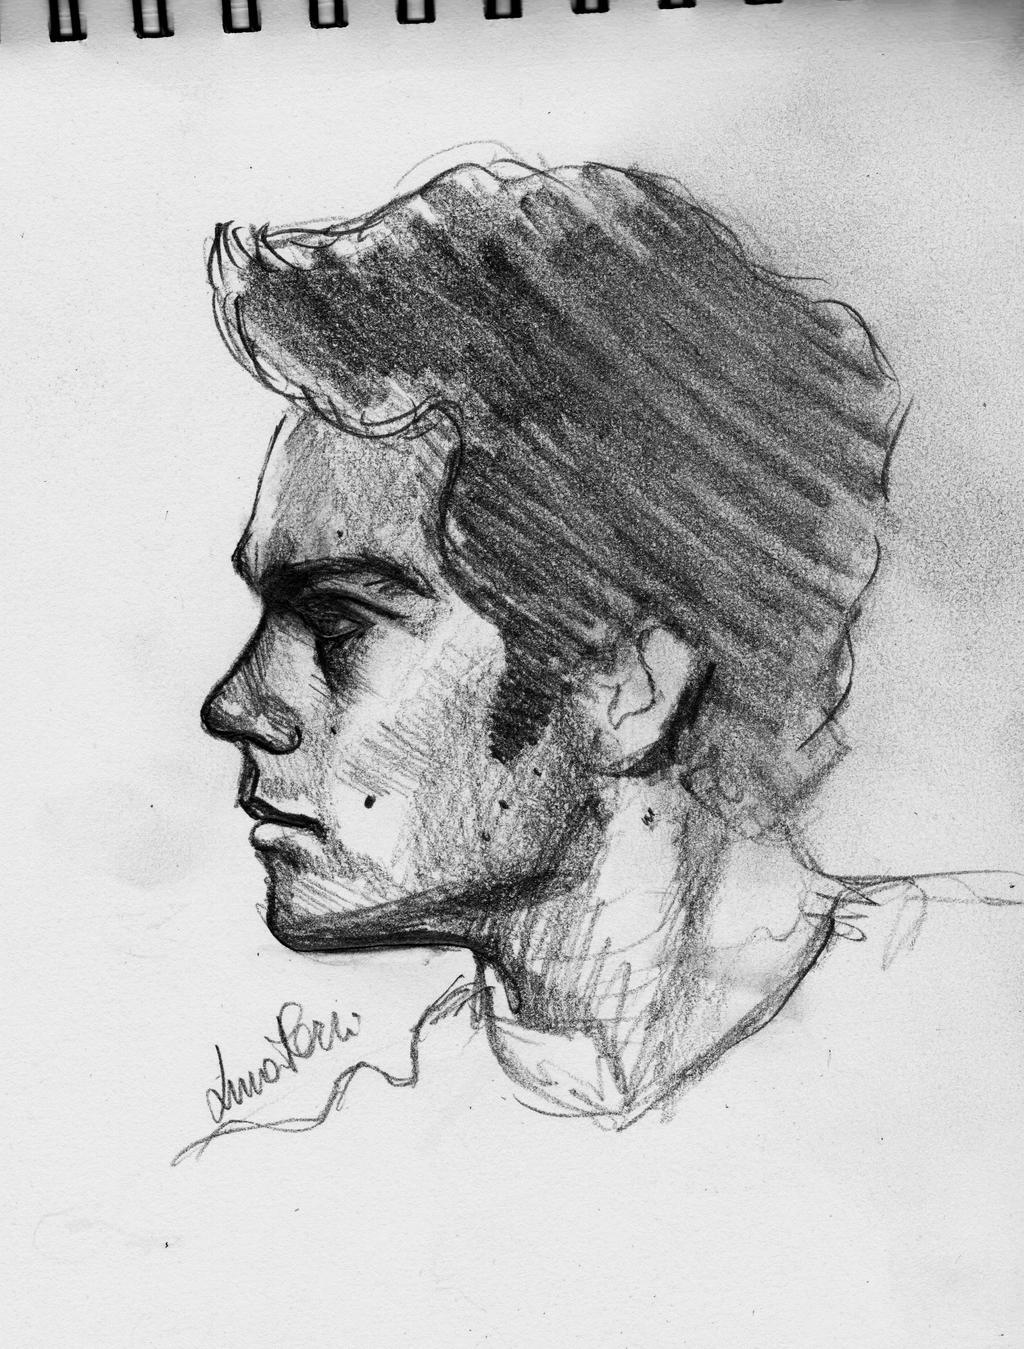 Dylan O' Brien fast sketch by Bluecknight